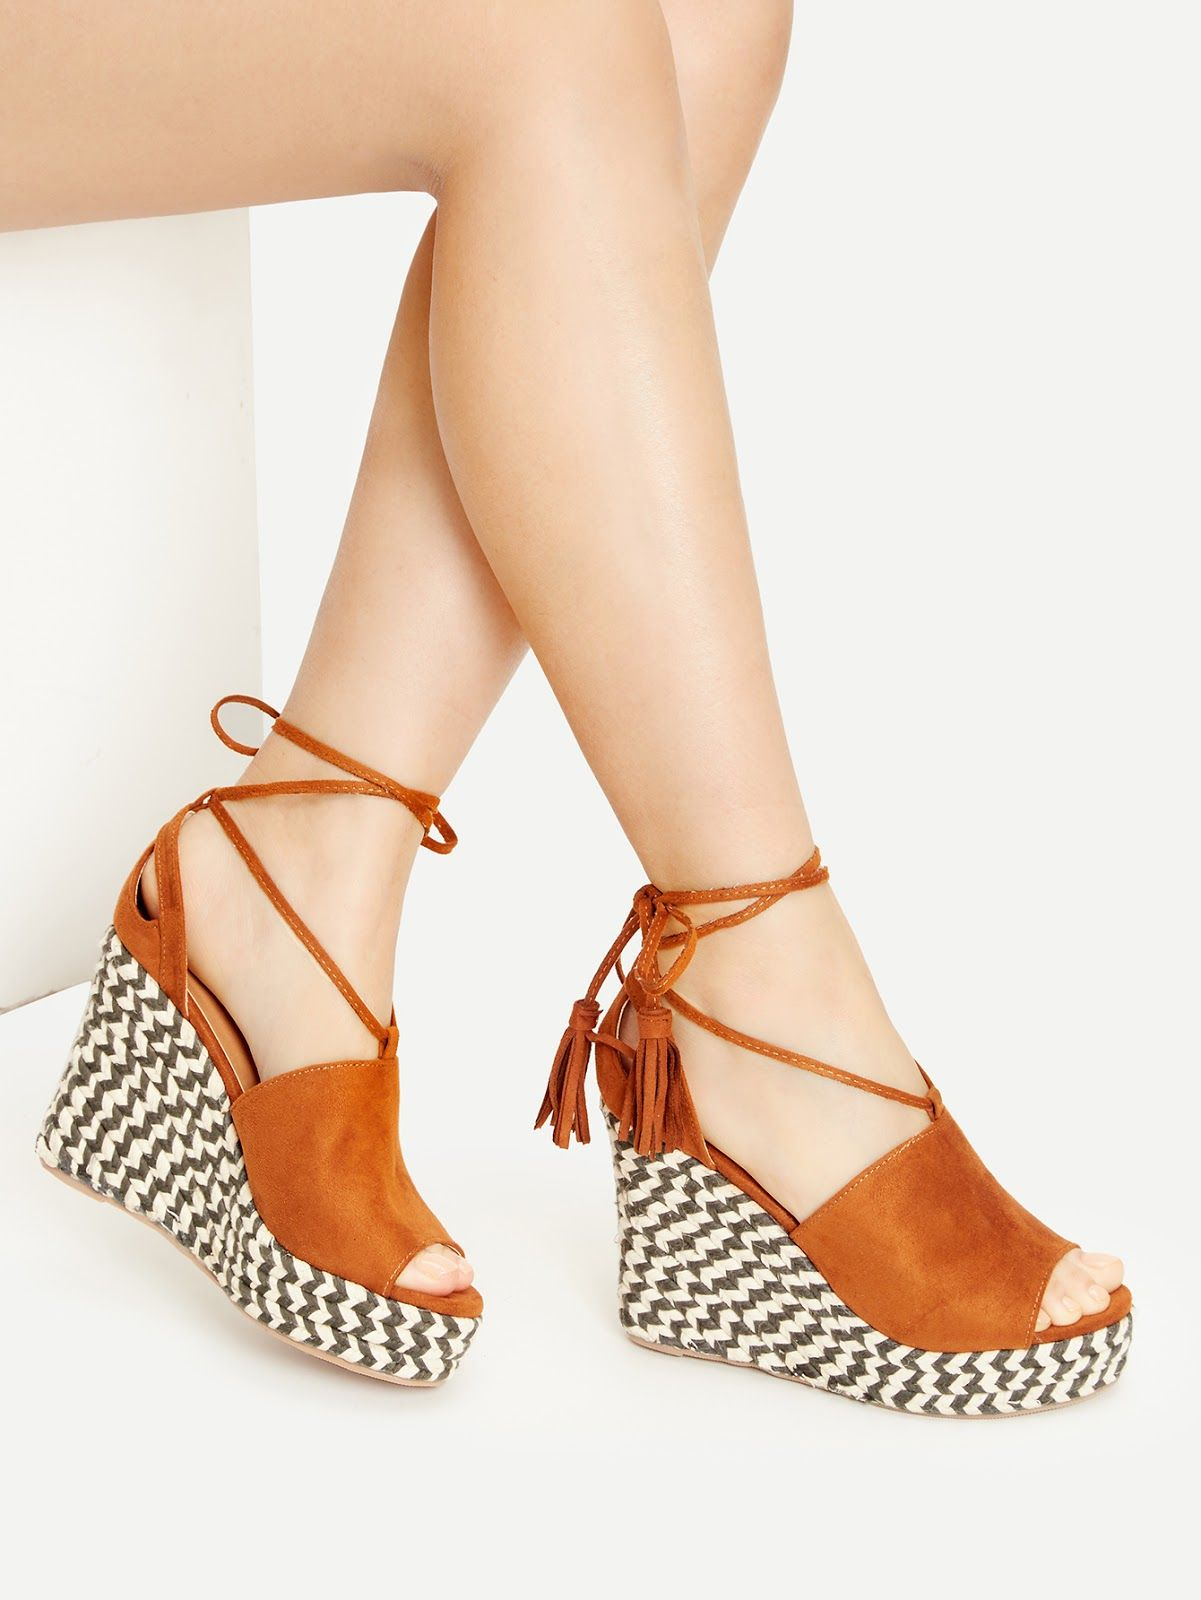 Los más valorados Barato Footlocker Finishline Abril shoes SandaliasCueroTopo OscuroTacón: 5 cm Salida con orden de Paypal Liquidación Fake Finishline Barato Online JgodGo9